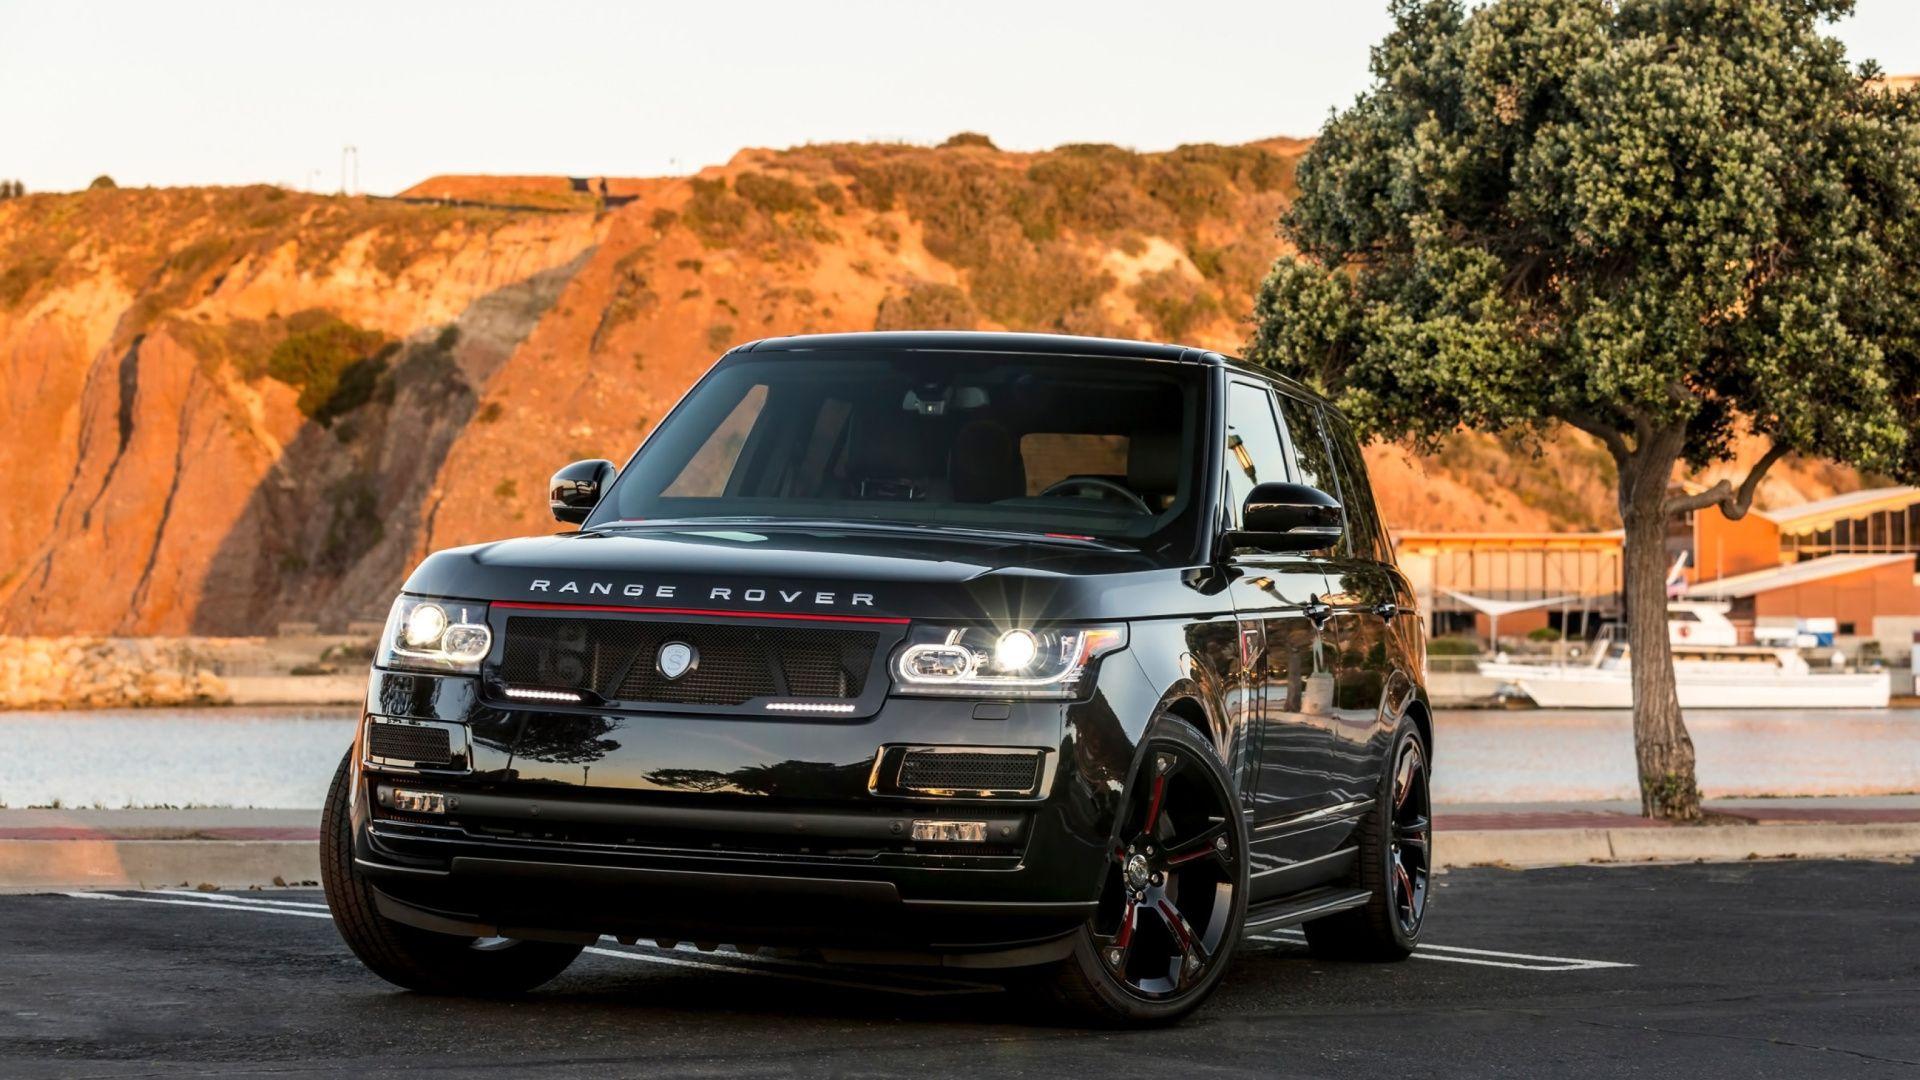 Range Rover full hd wallpaper